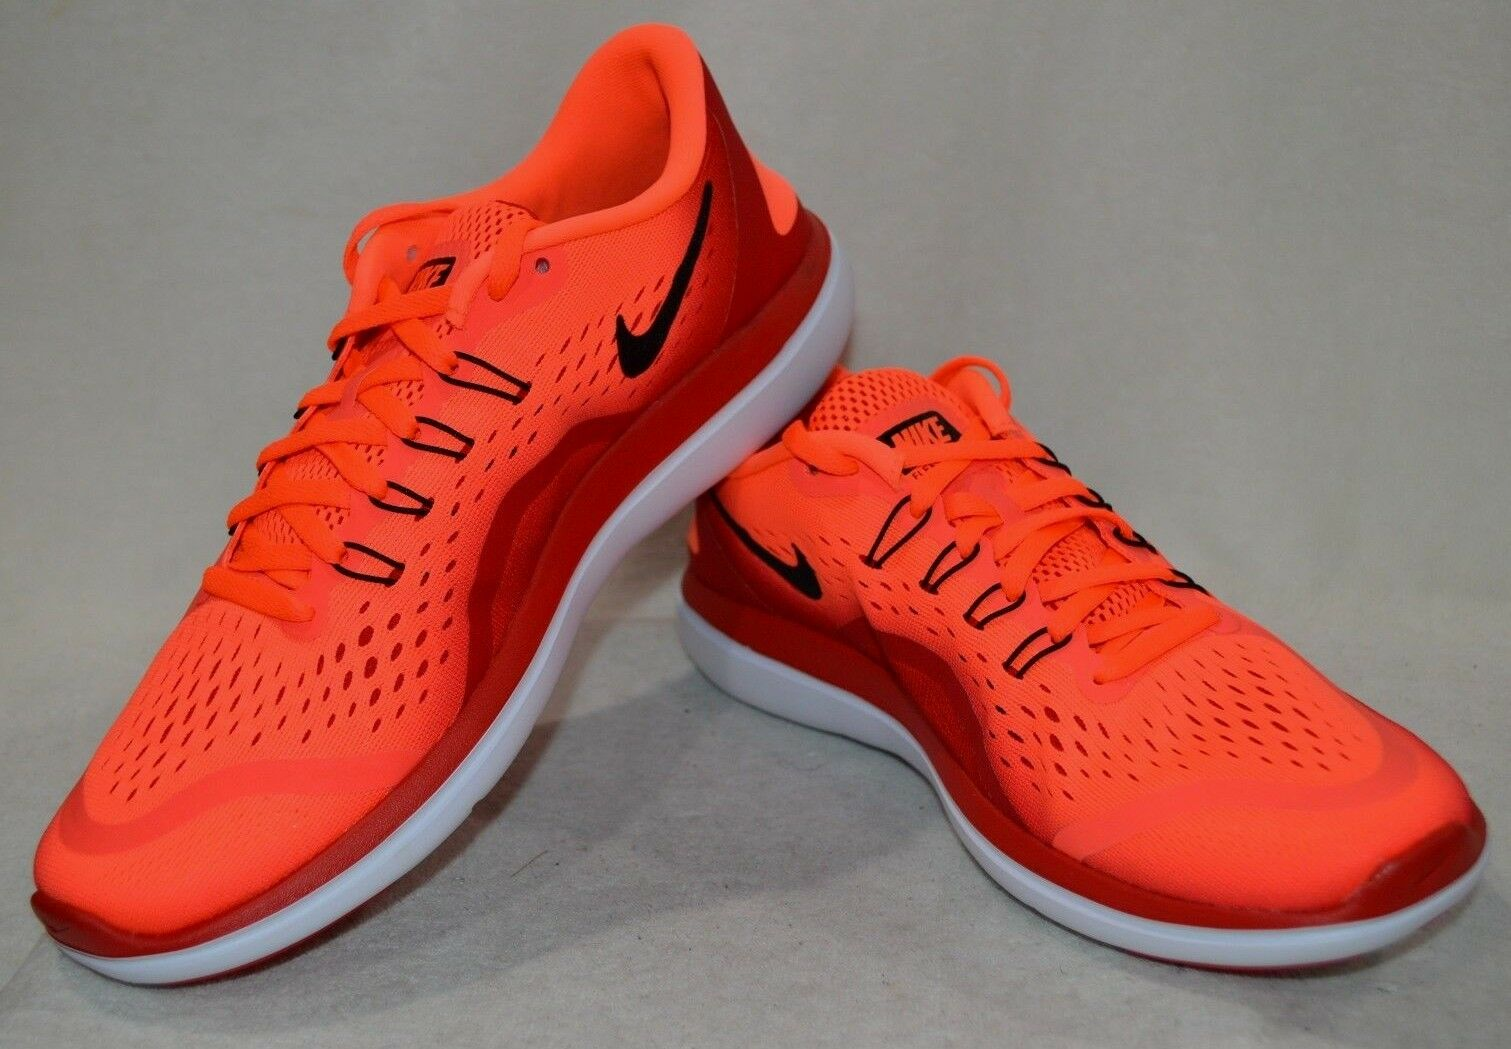 Nike uomini flex 2017 rn iper - arancione e nero scarpe da corsa - varie taglie nwb iper - arancione e nero